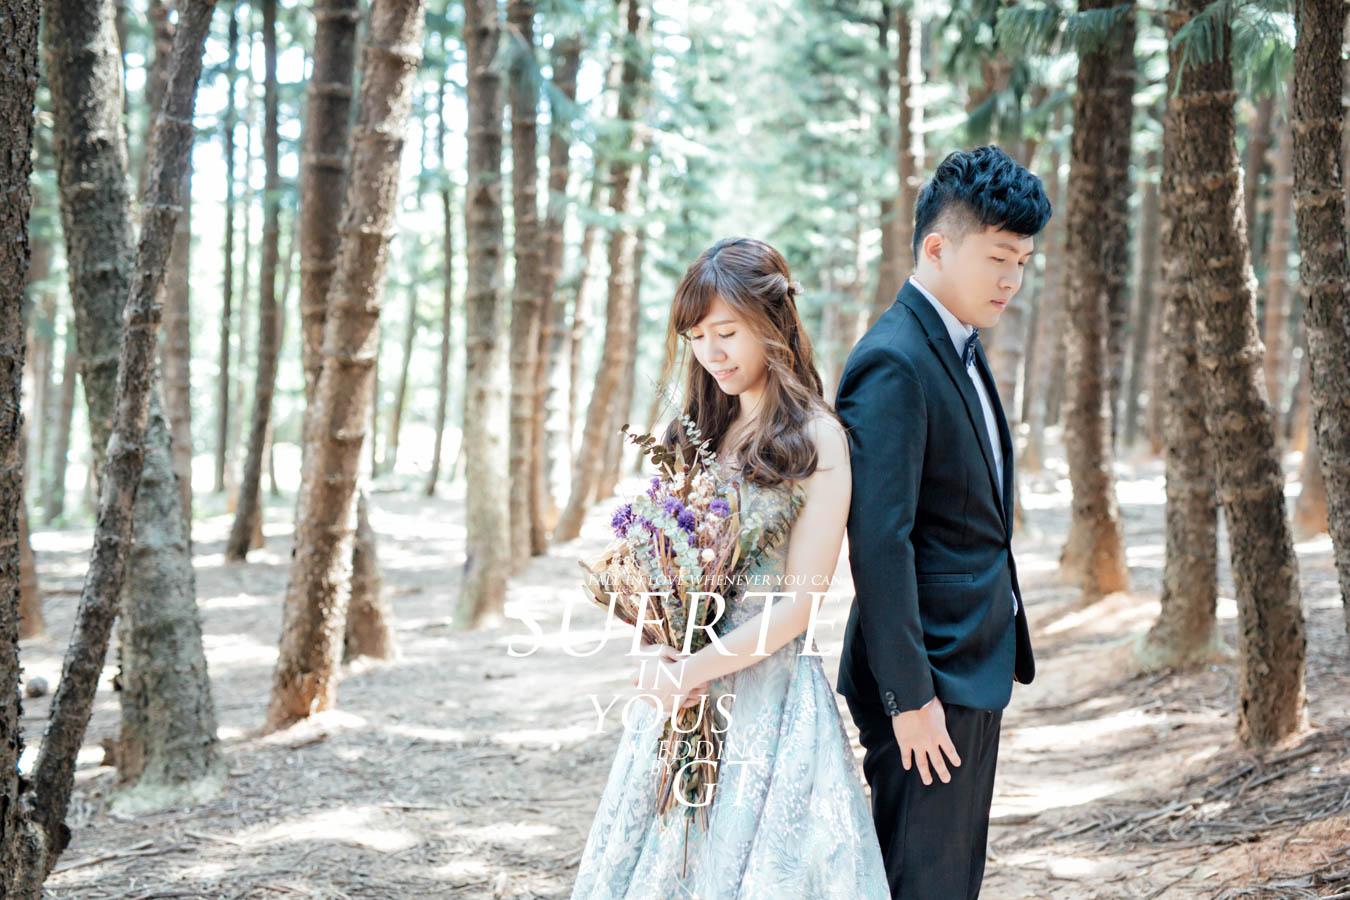 自助婚紗 | 昱霖+蕙亘  PREWEDDING GT拍攝 |國內婚紗|台中婚紗